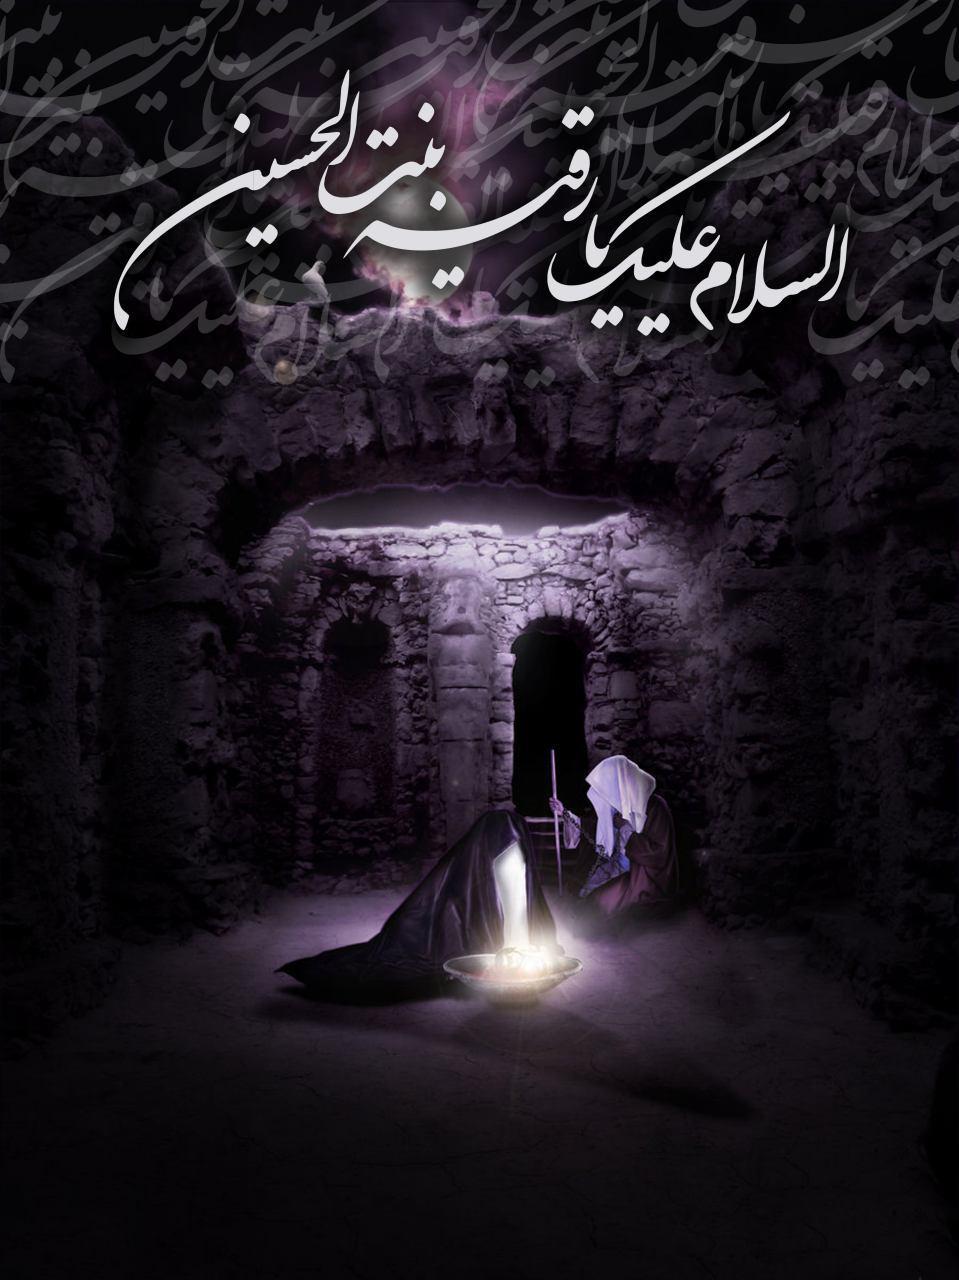 http://rozup.ir/up/mjbasaer/Post/1395/Moharram/Poster-Moharram%20(20).jpg